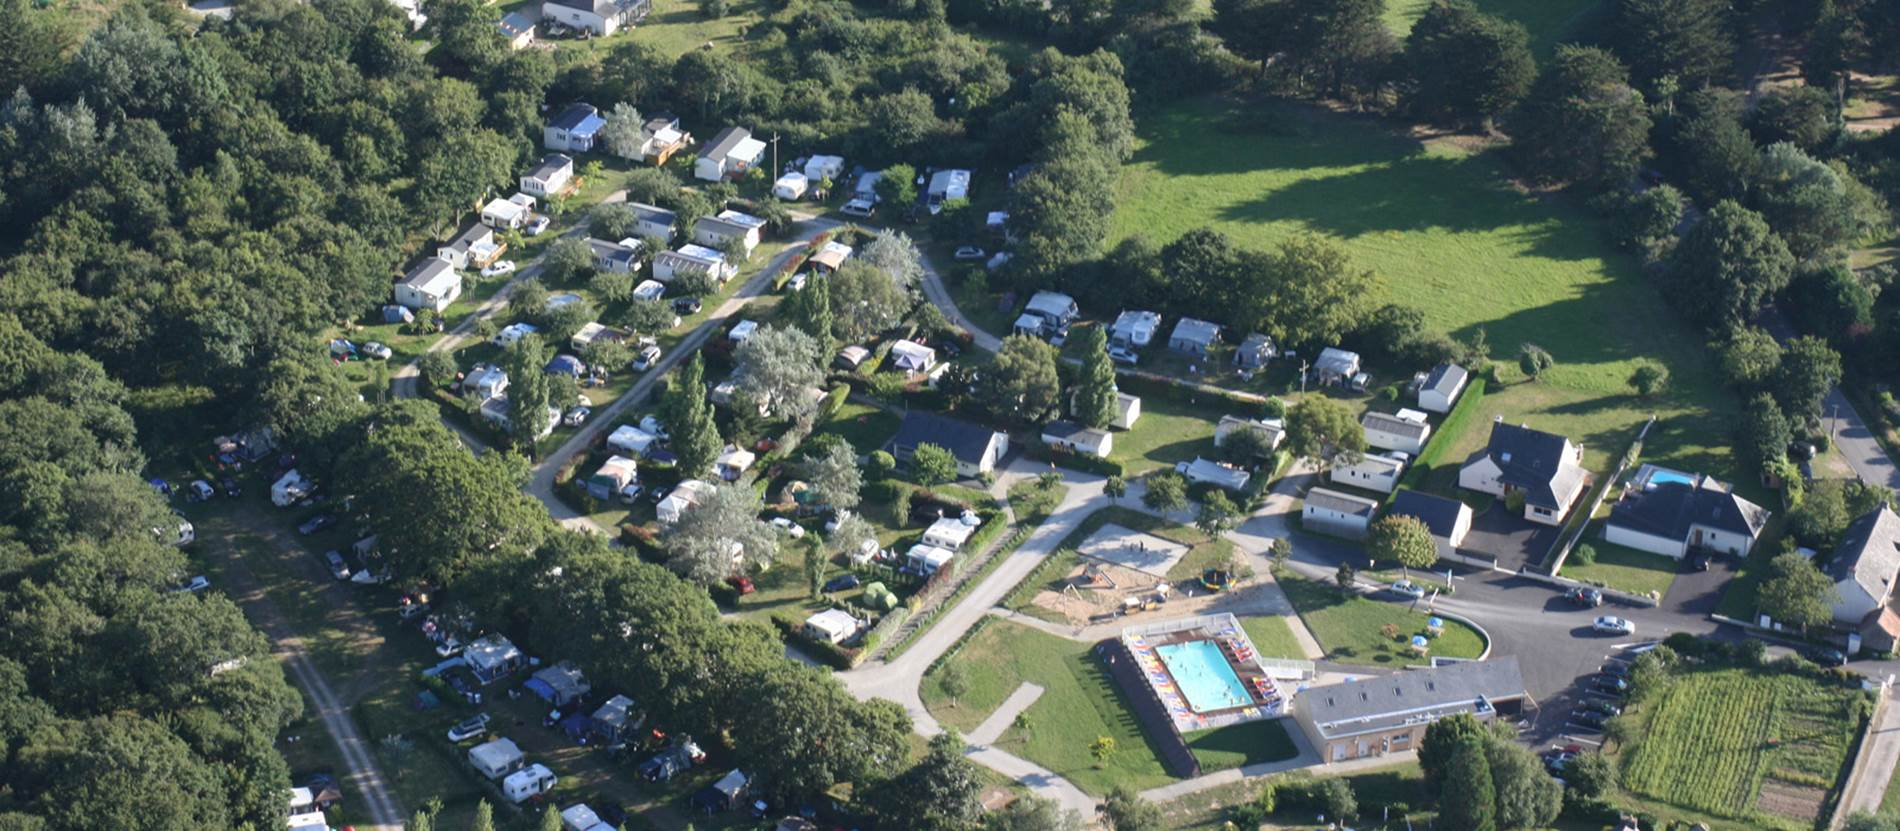 Camping-Le-Biden-Larmor-Baden-Morbihan-Bretagne-Sud © Camping-Le-Biden-Larmor-Baden